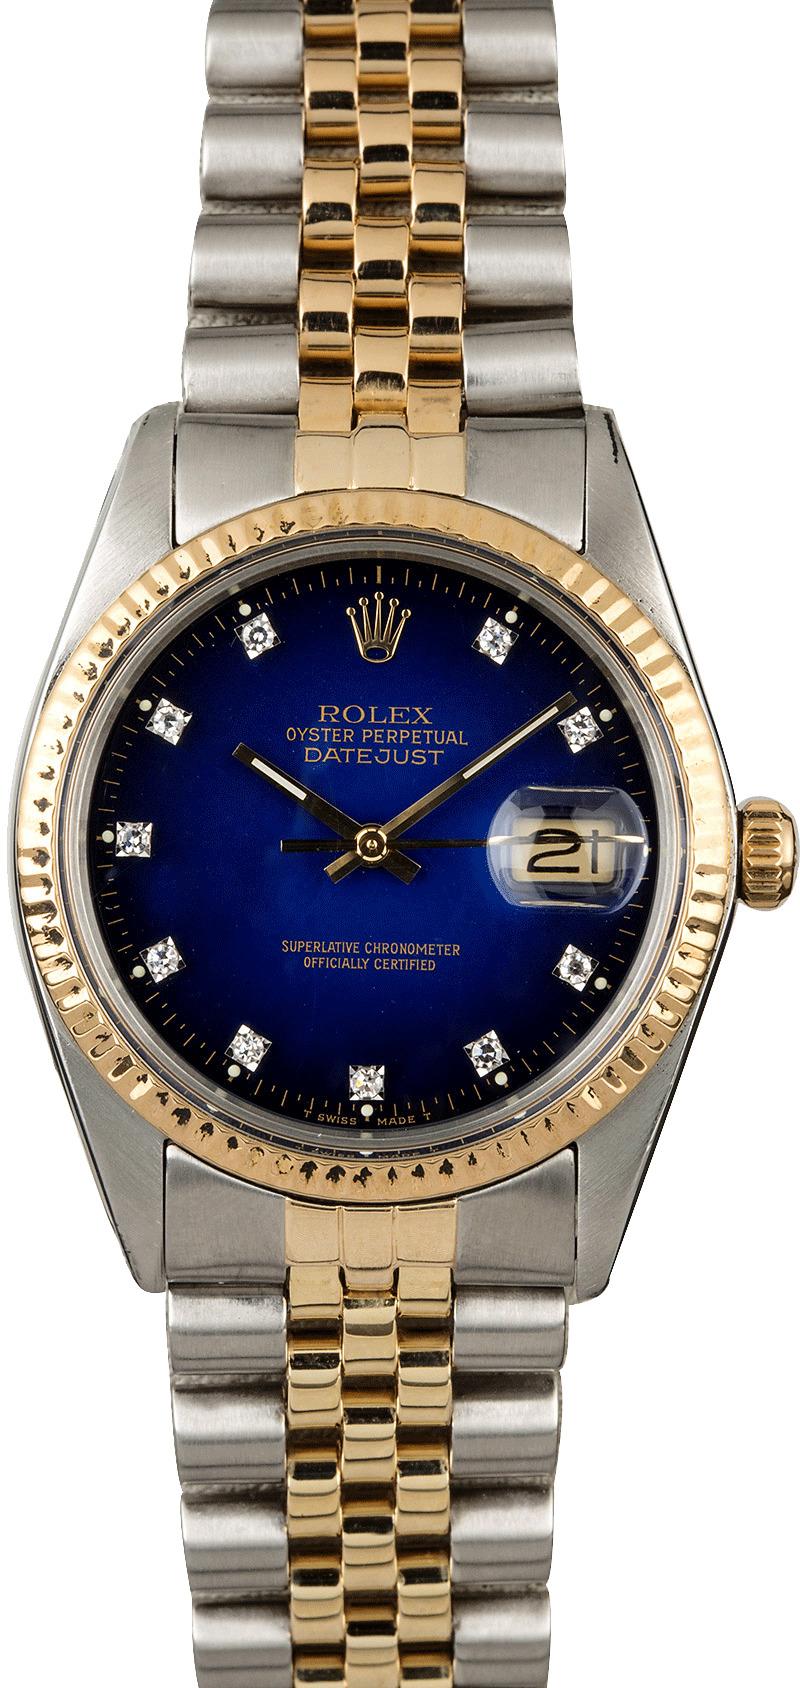 04b26df4d23 Pre-Owned Rolex Datejust 16013 Blue Vignette Diamond Dial